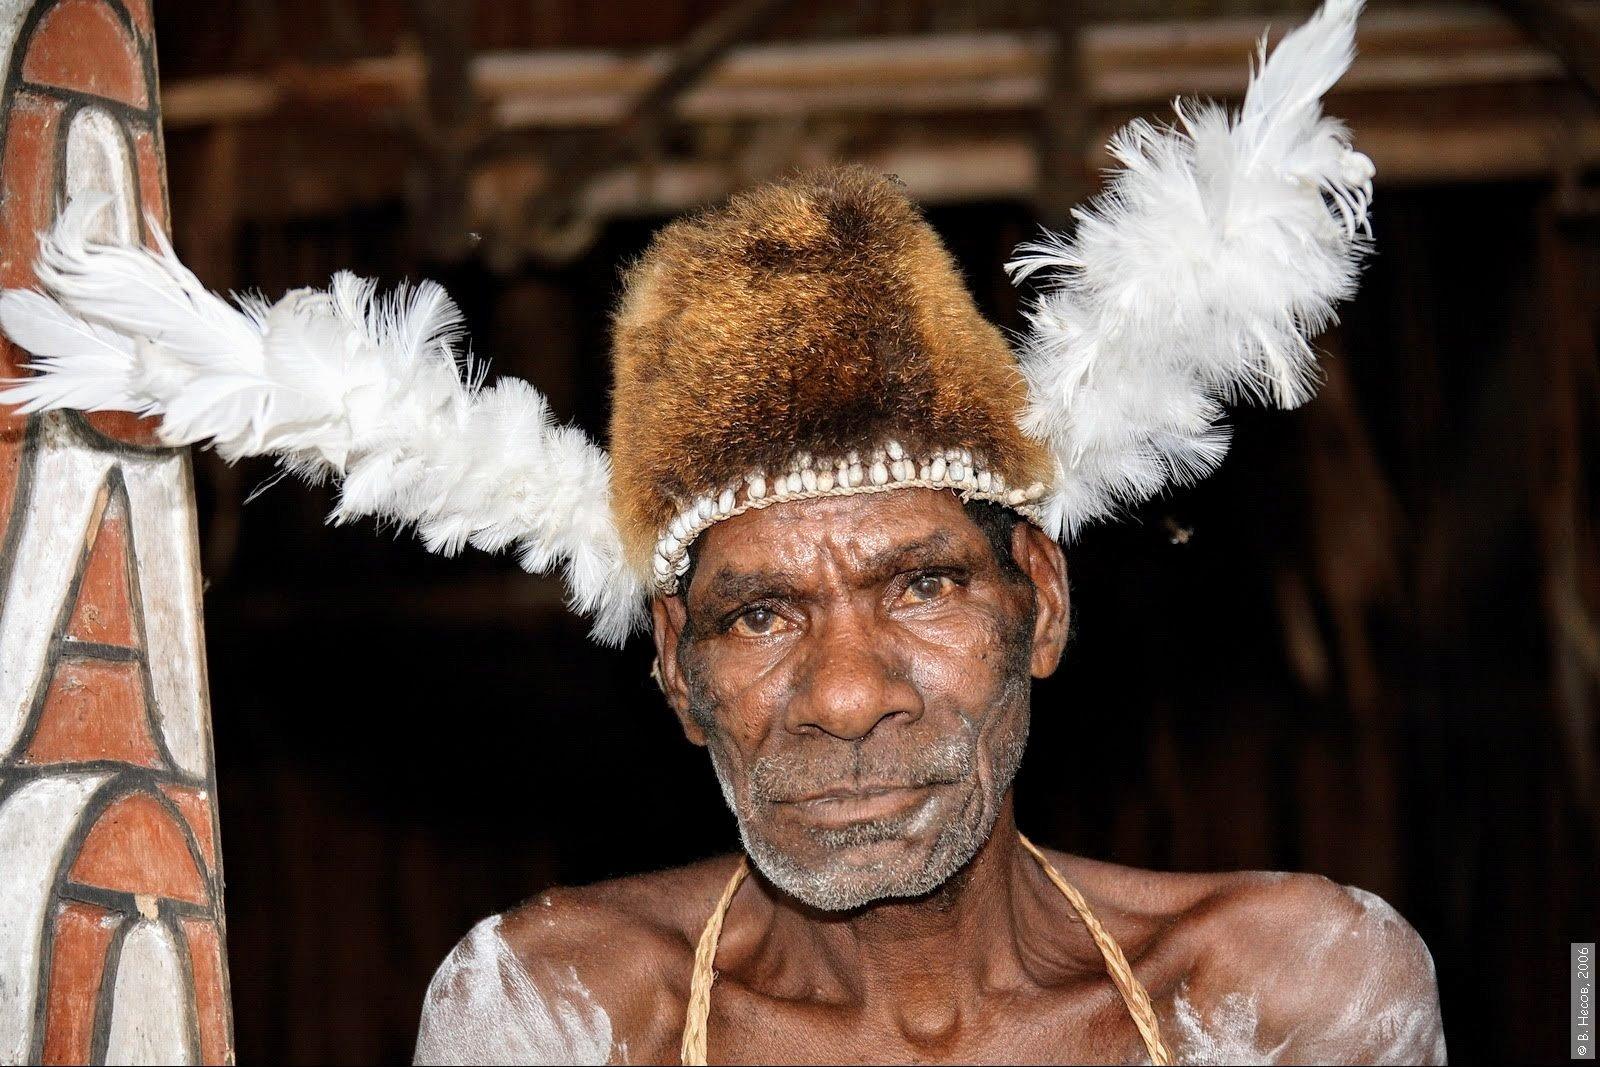 Putovanje Indonezija - Papua - Festival i treking u dolini Baliem (8)